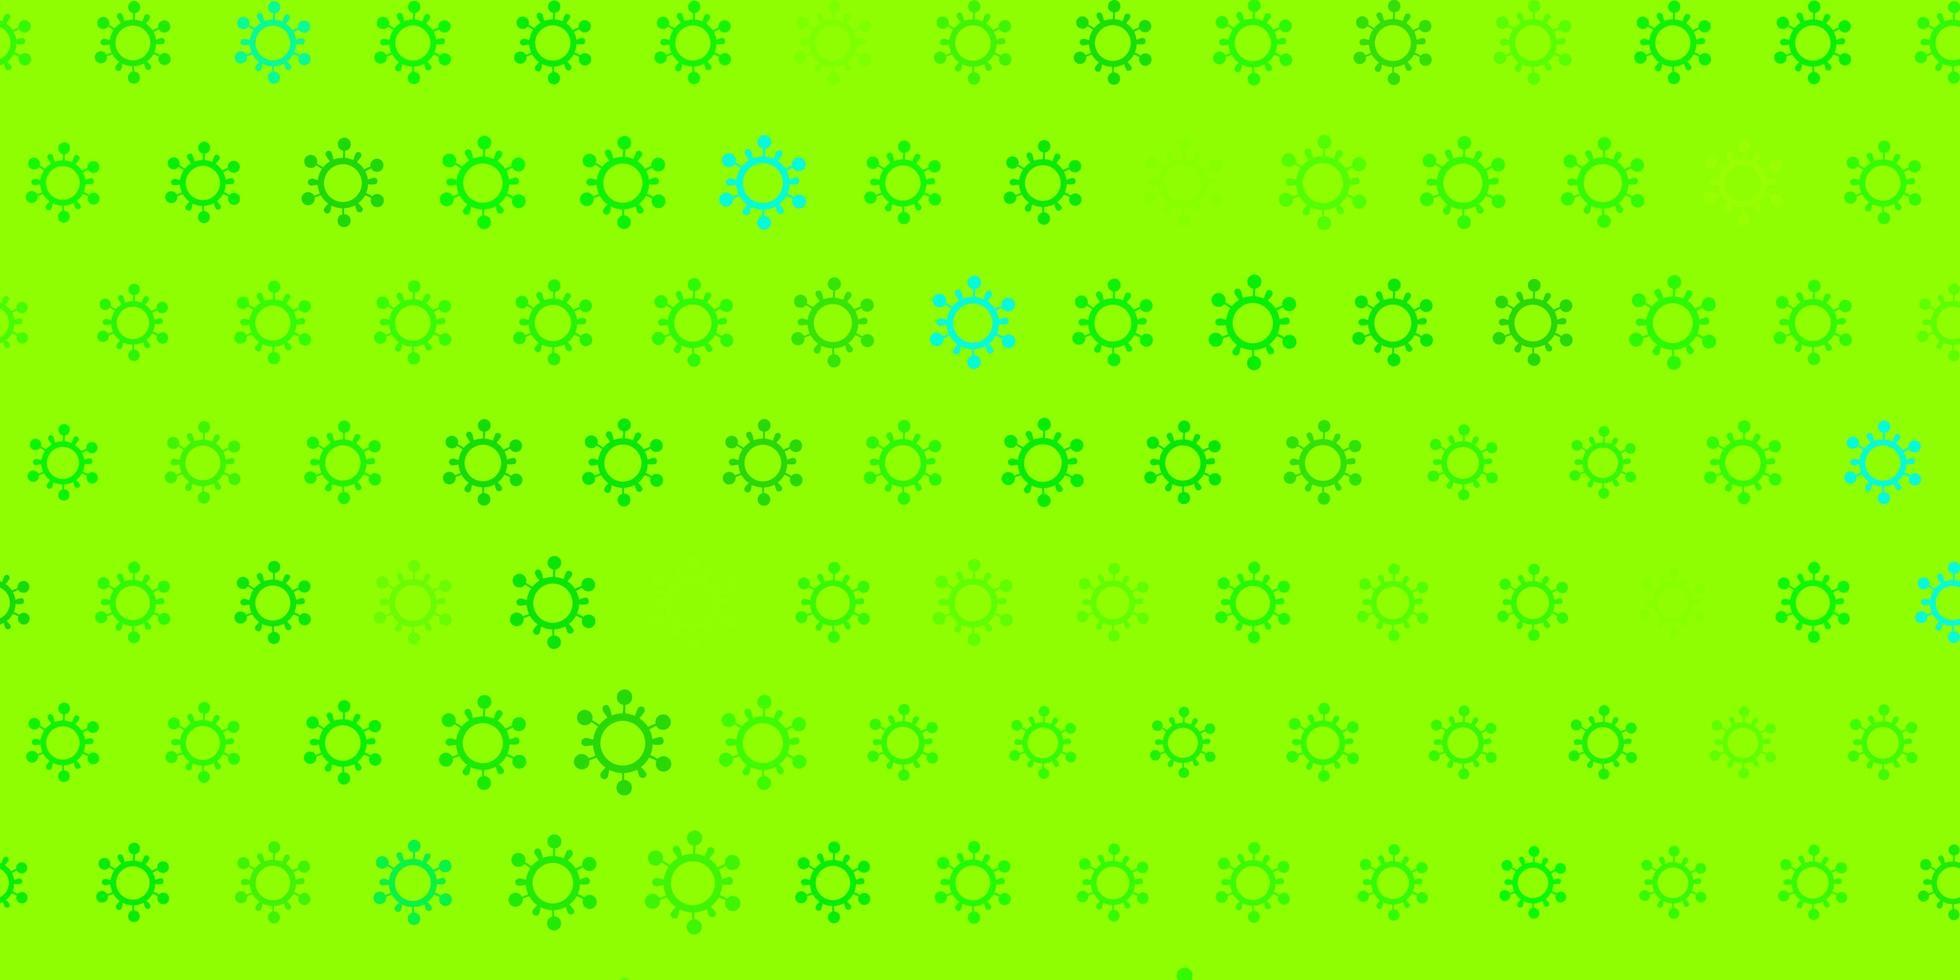 texture vert clair avec des symboles de la maladie. vecteur